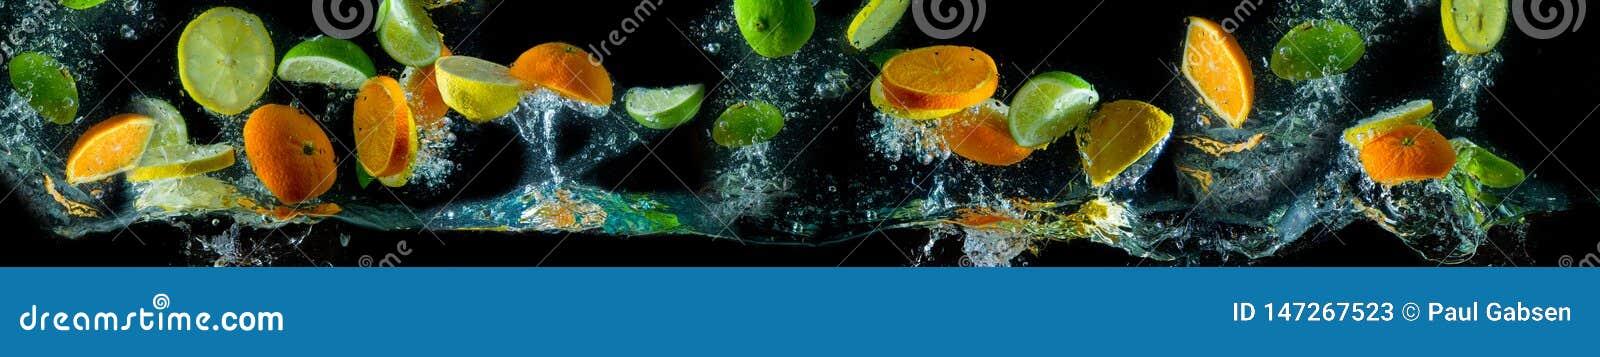 Frutas en vuelo, salpicando el agua Fruta en el agua